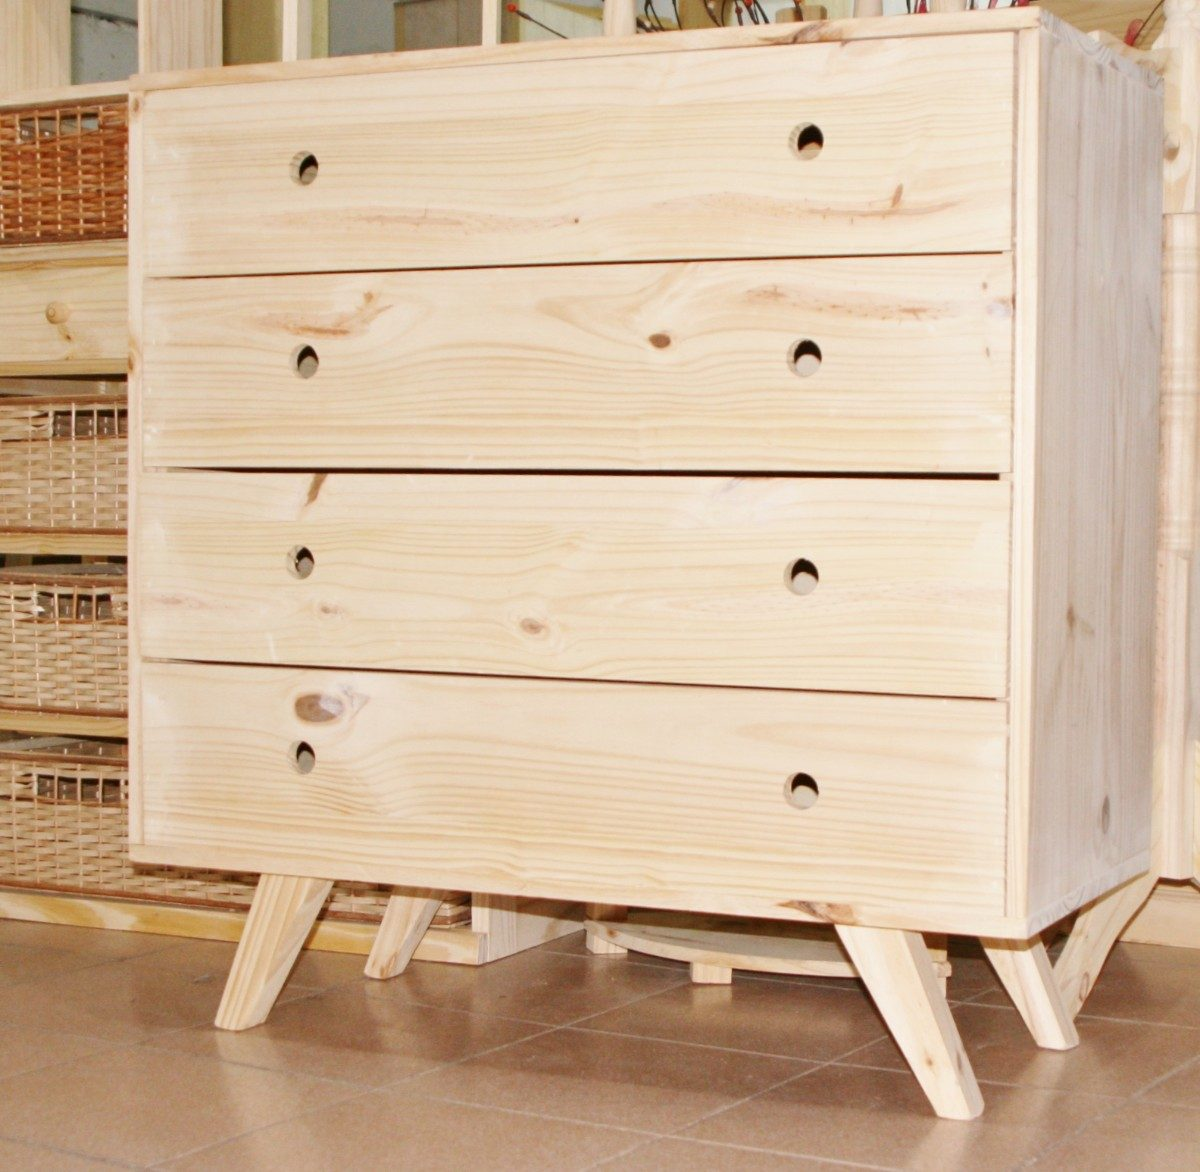 Cajonera Comoda Chifonier Retro Nordica1 00×1 00 M Pino 2 998  # Muebles Efecto Vintage